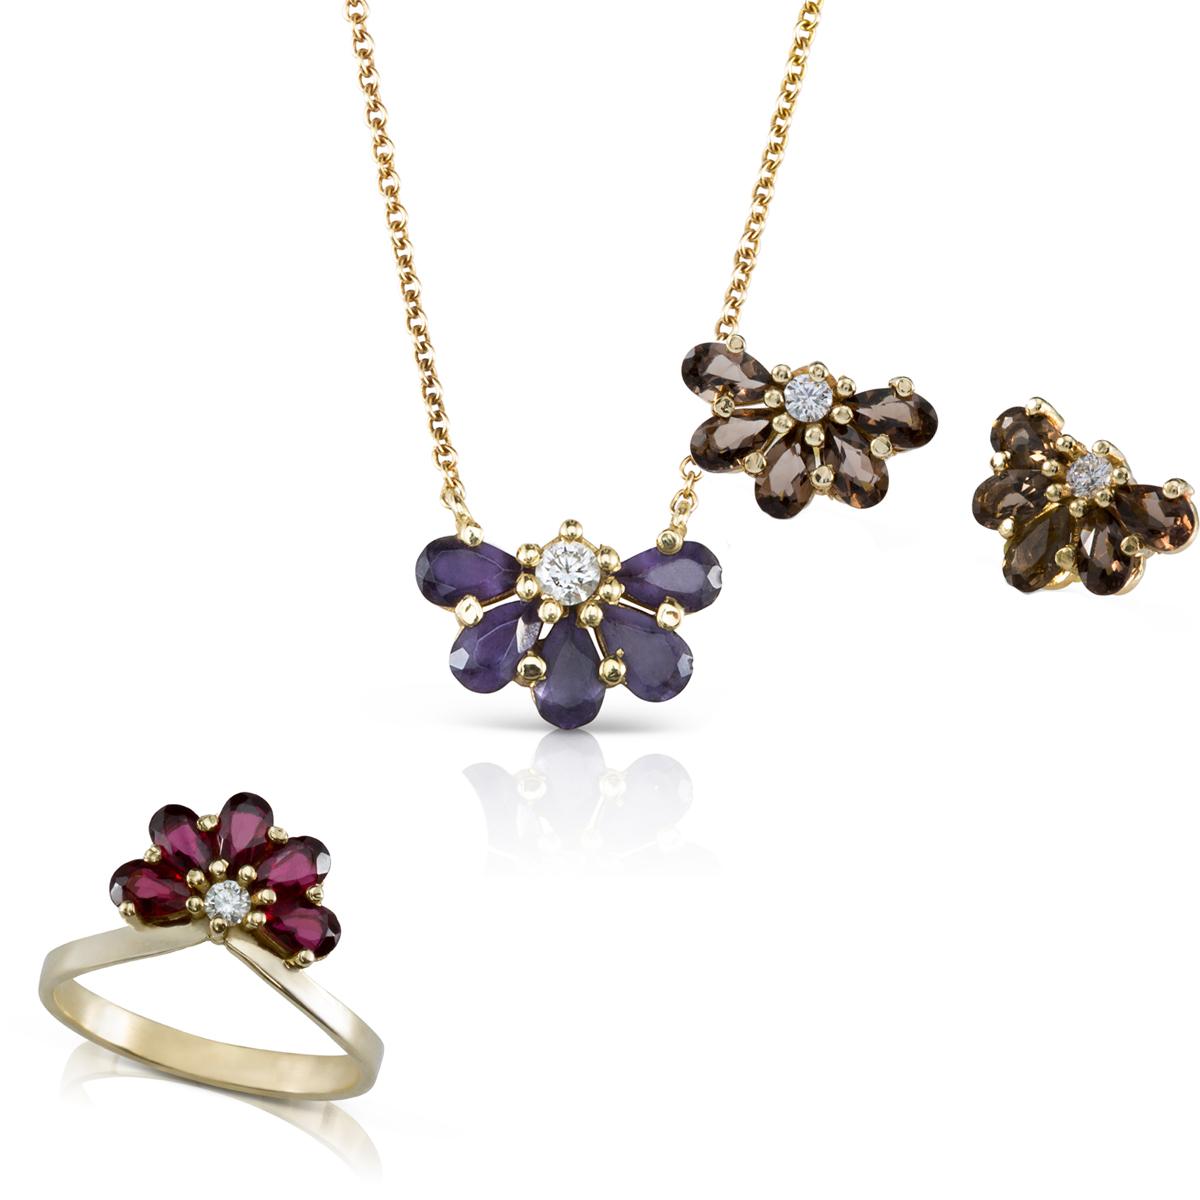 סט תכשיטי זהב מיוחד משולב אבני חן צבעוניות ויהלומים